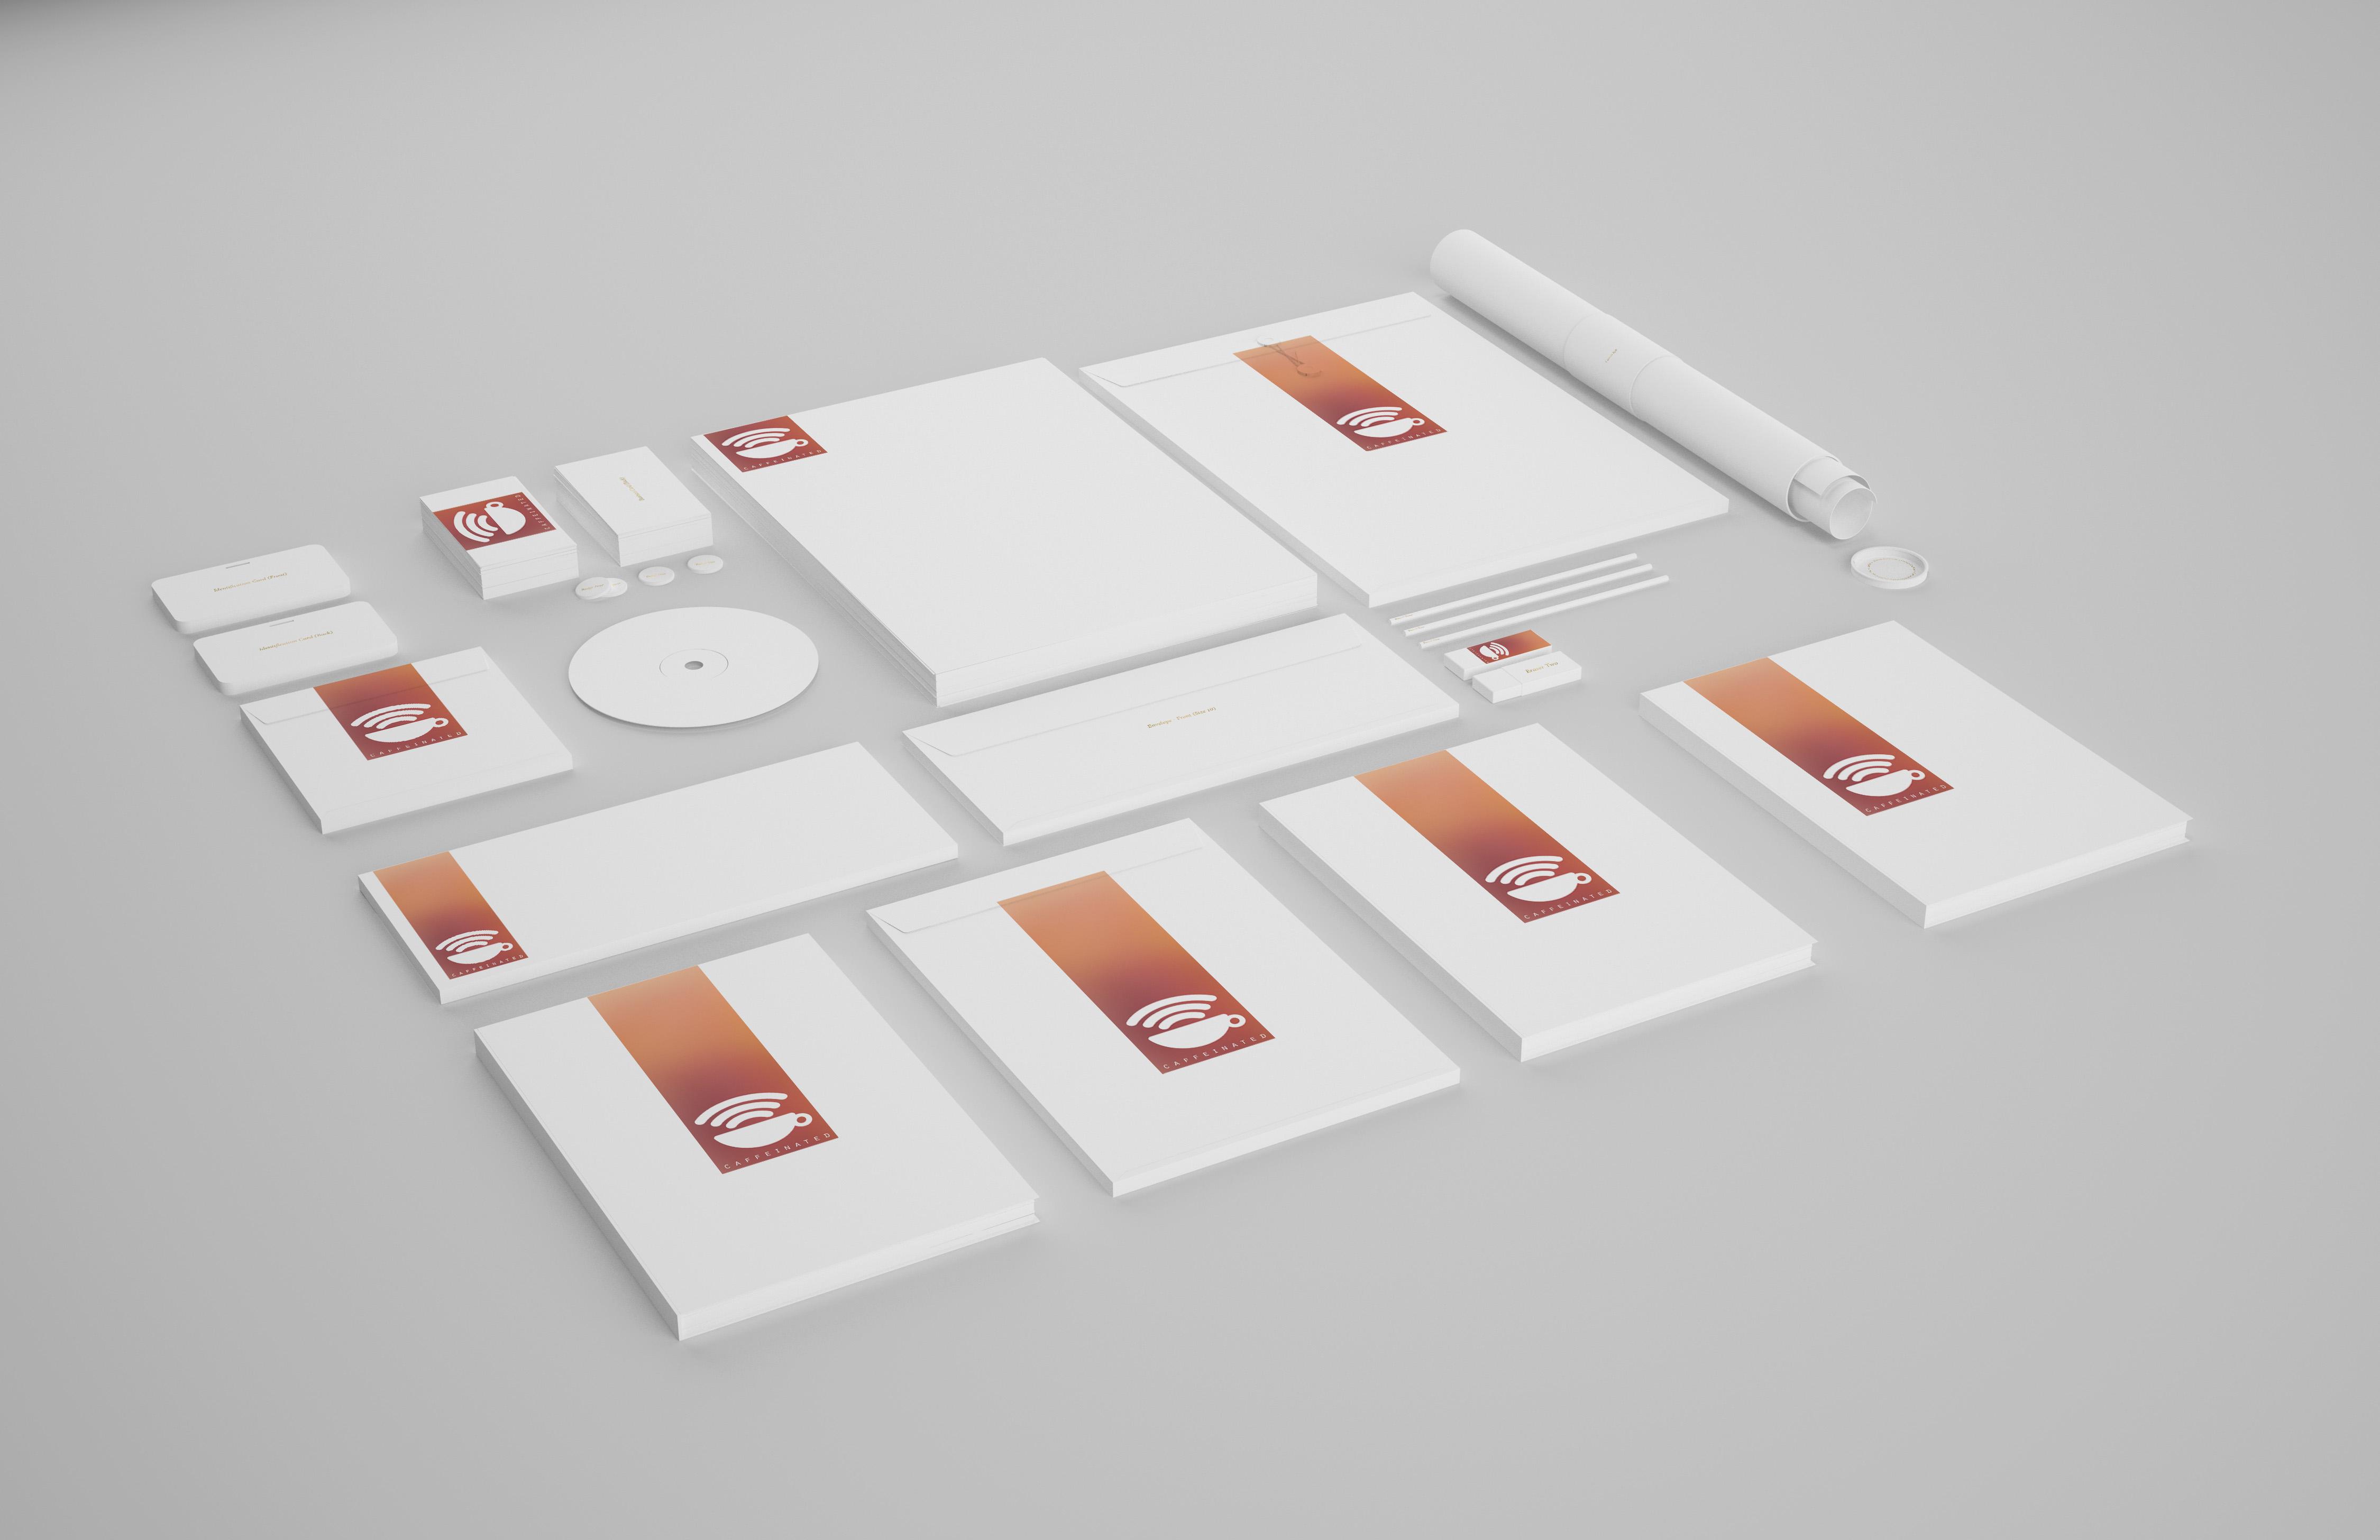 Branding Pack #001